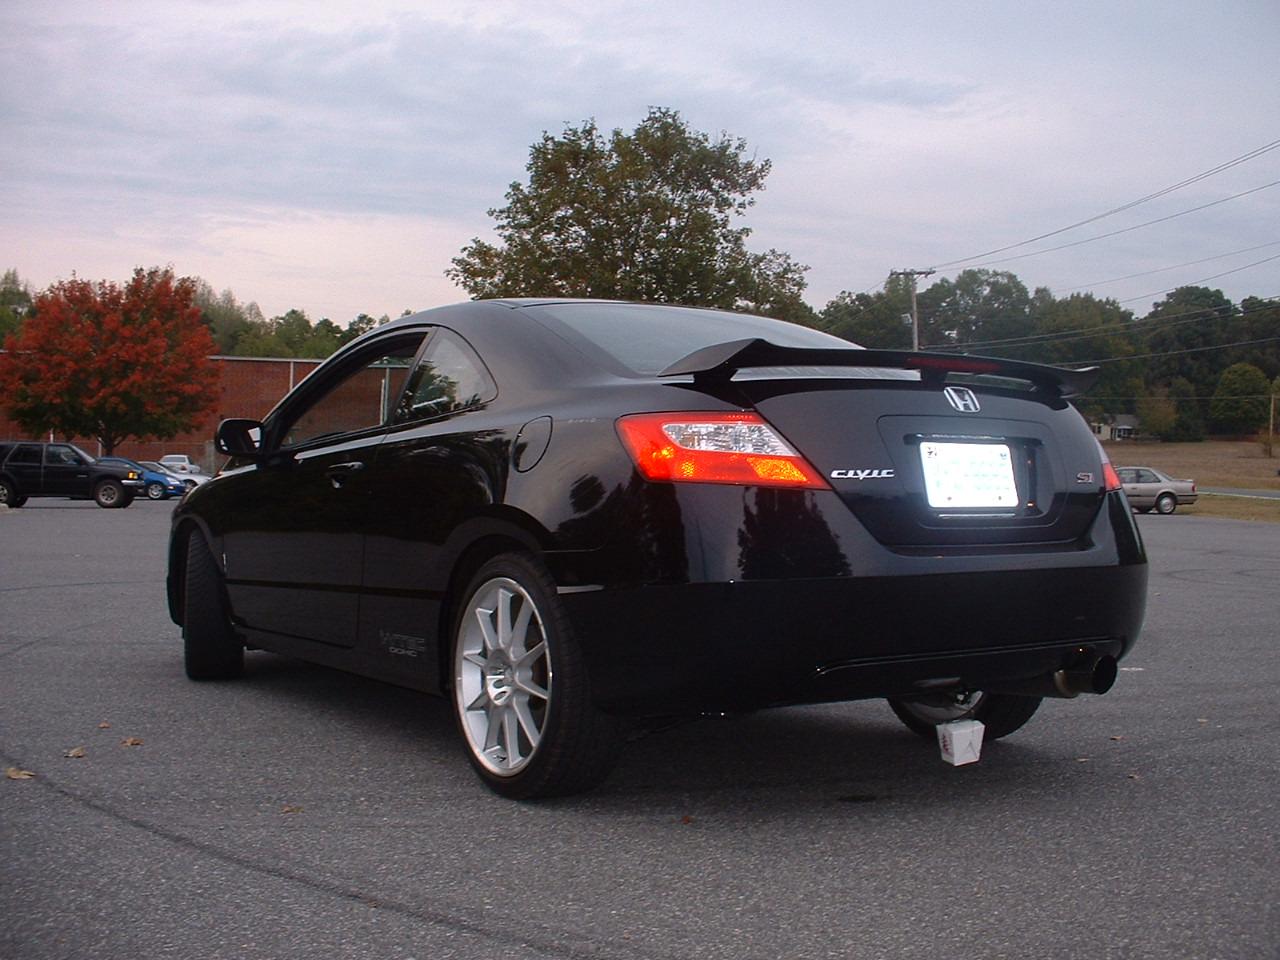 http://2.bp.blogspot.com/-IXOxTYTUNqg/Tlo9r4uYfSI/AAAAAAAAAHI/ih98Pl83Rm8/s1600/14184-2007-Honda-Civic.jpg